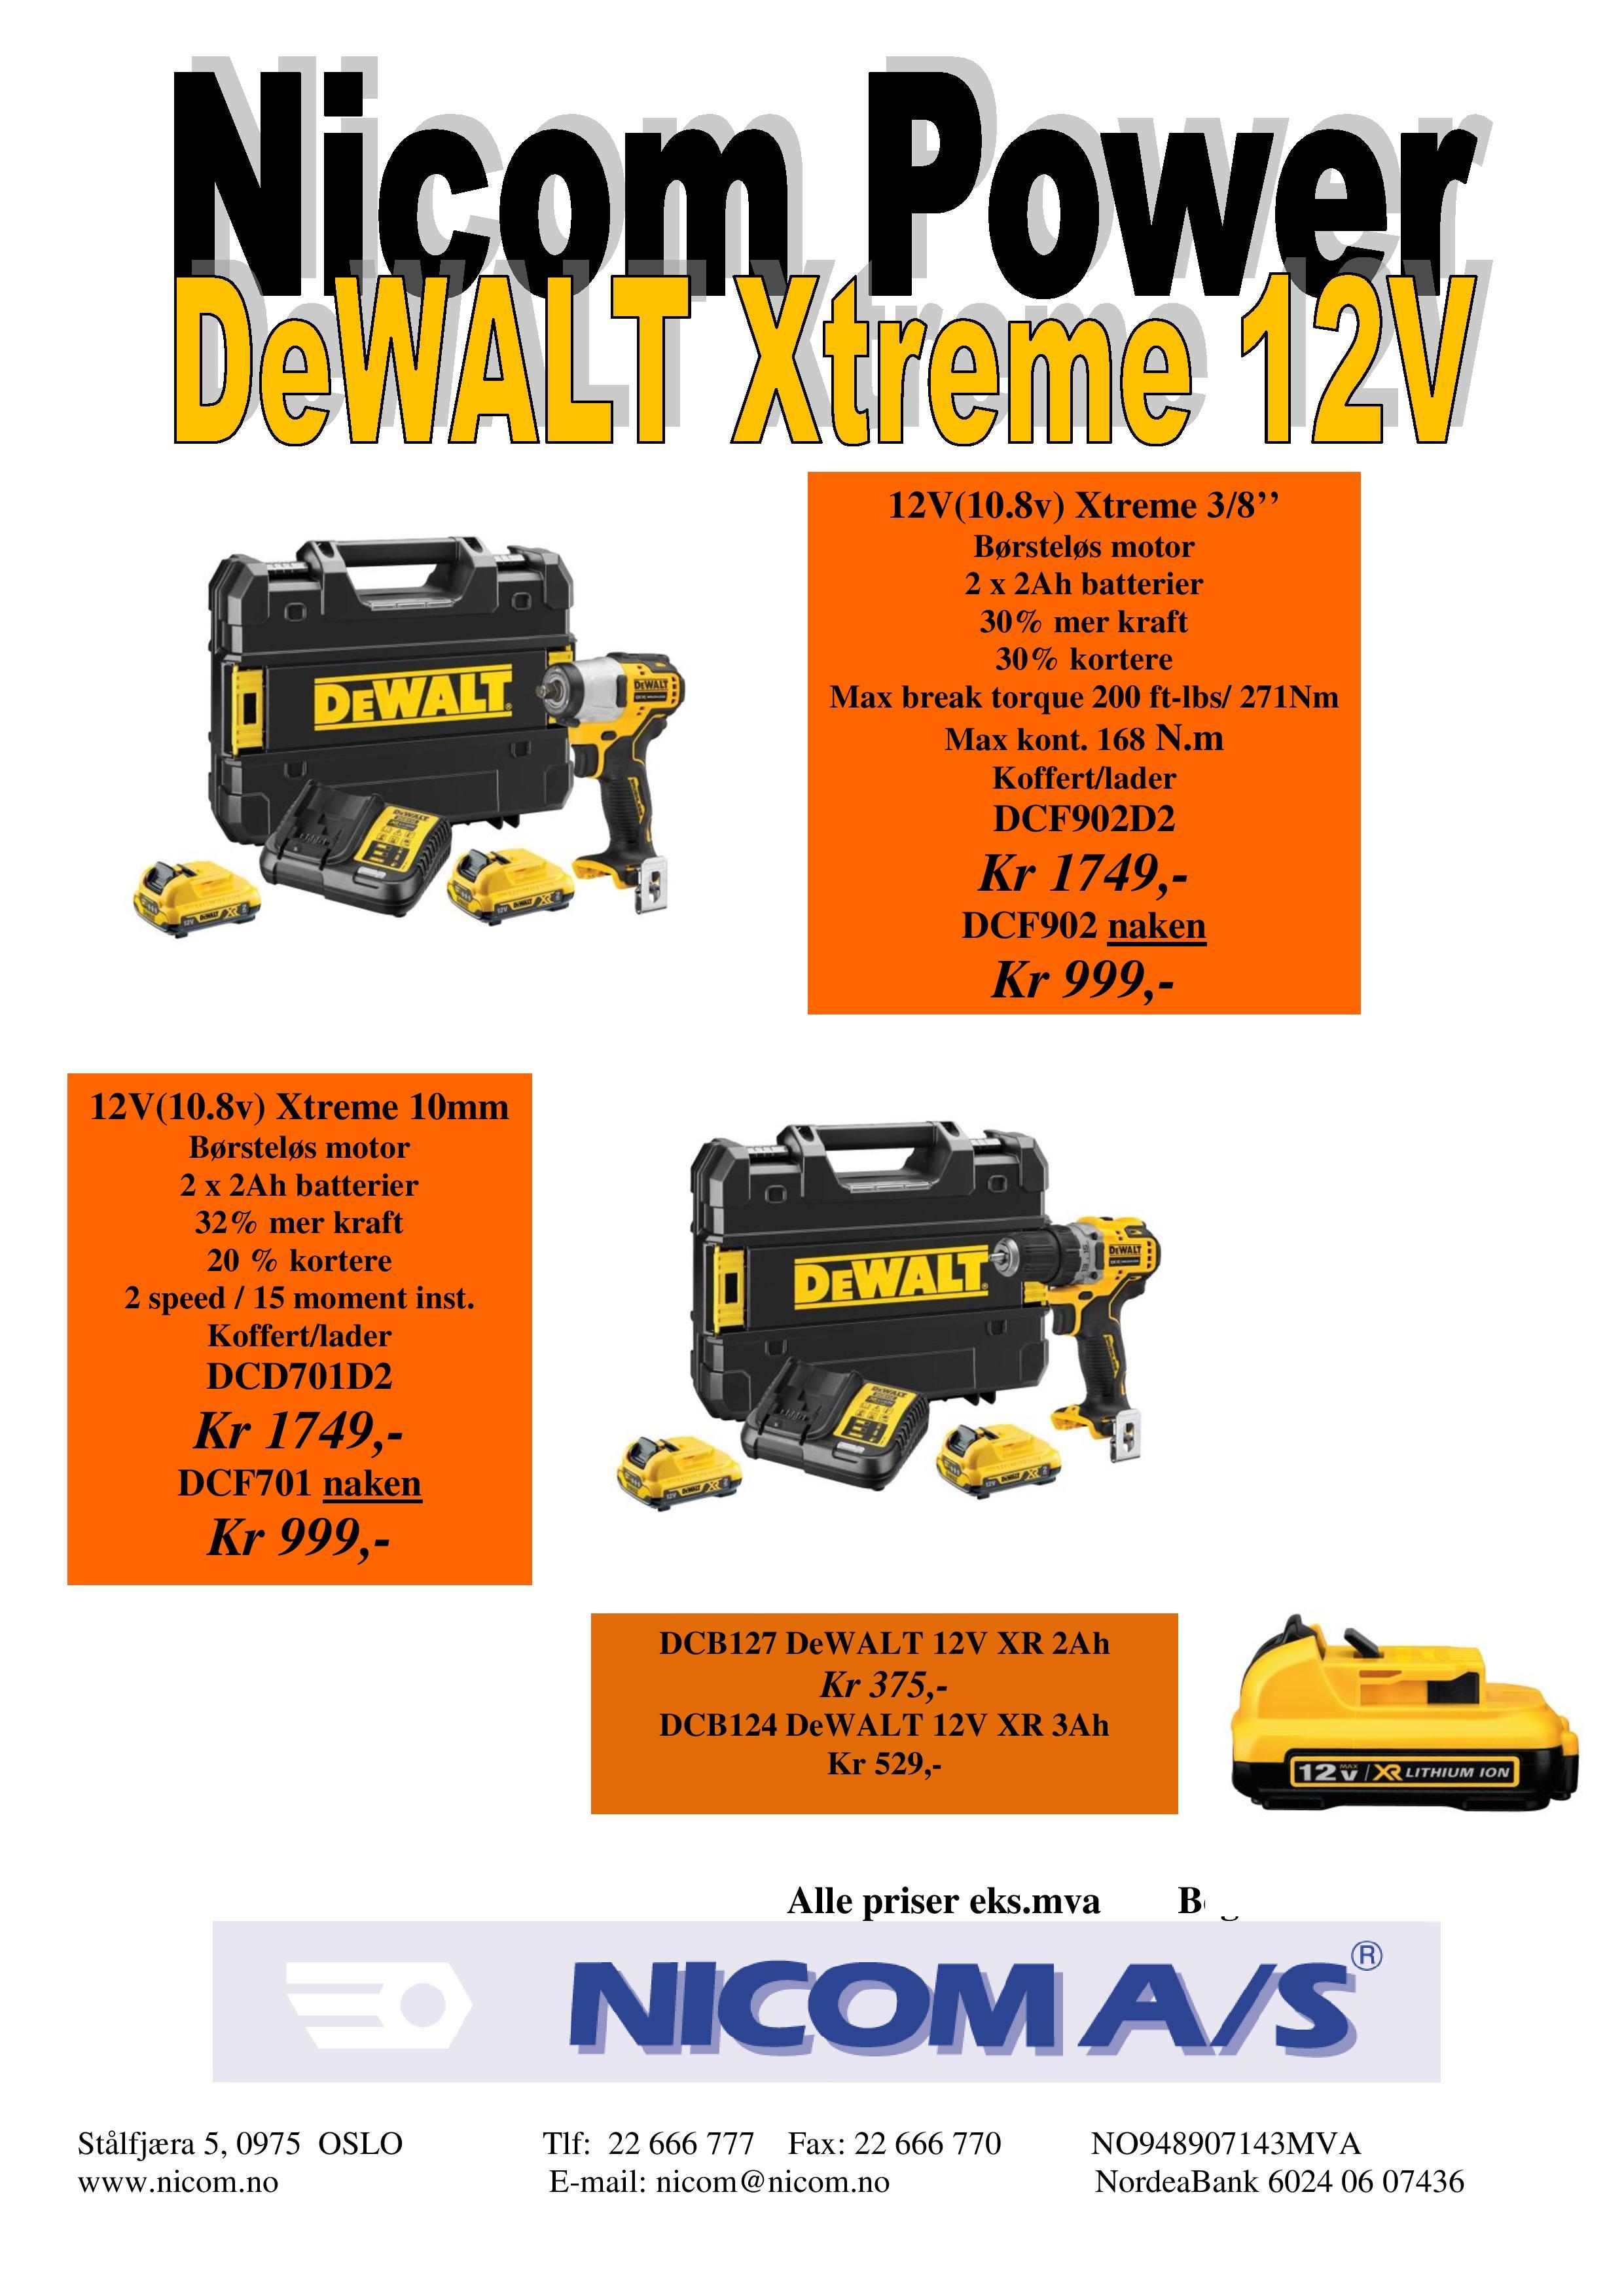 DeWALT 12v Xtreme-page-001